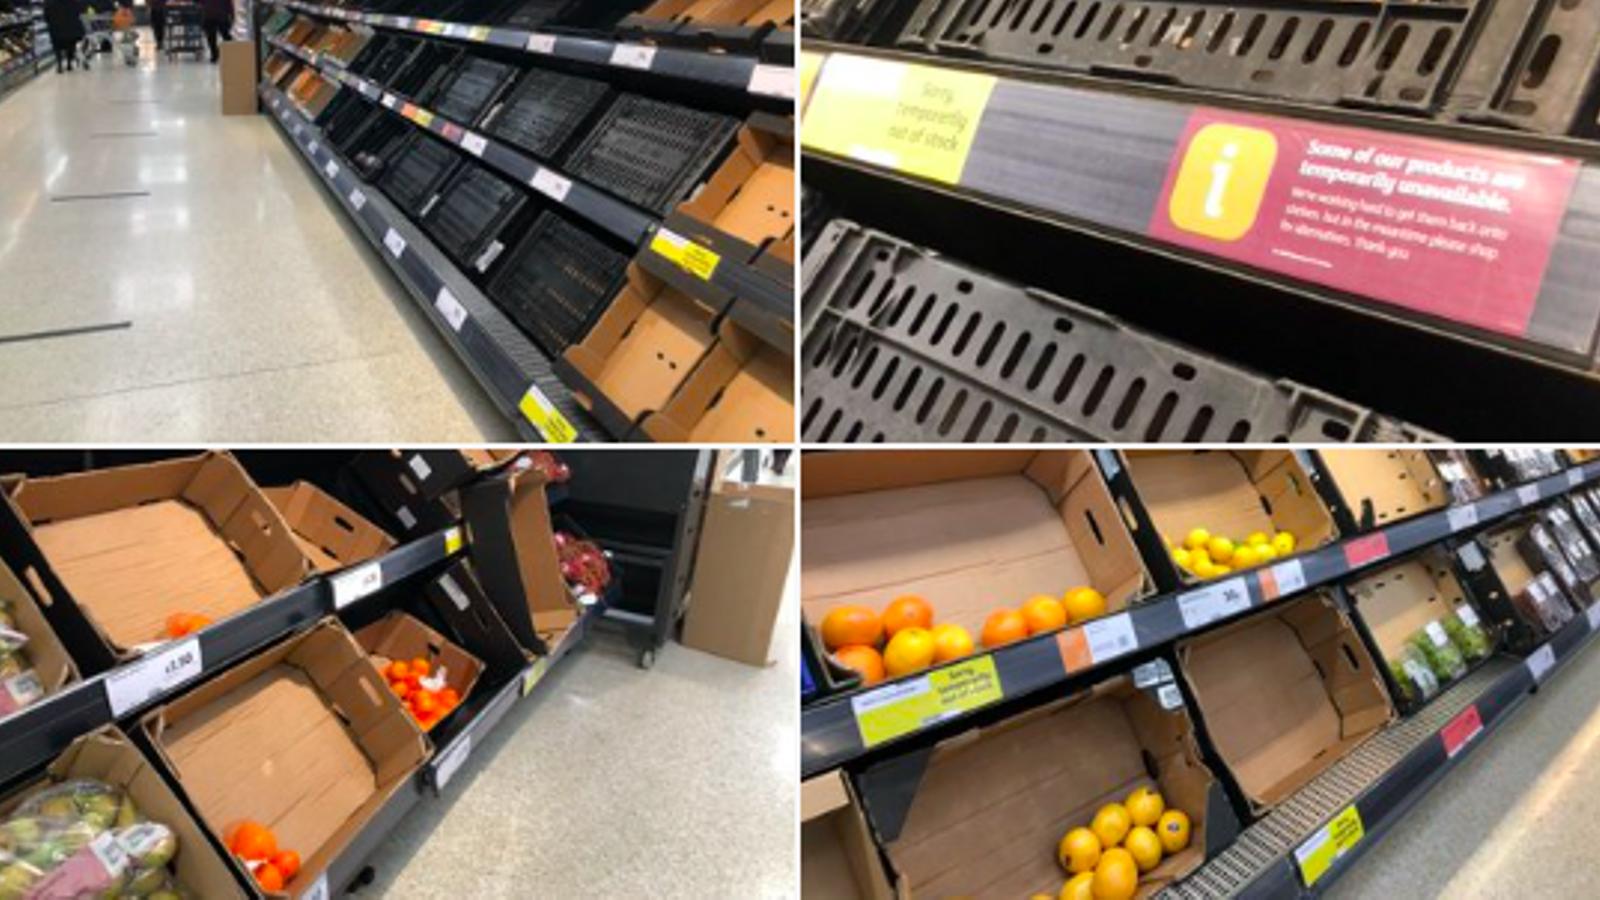 Un aspecte de les prestatgeries del supermercat Sainsbury's del centre comercial Forestside, als suburbis del sud de Belfast, aquest dilluns a la tarda